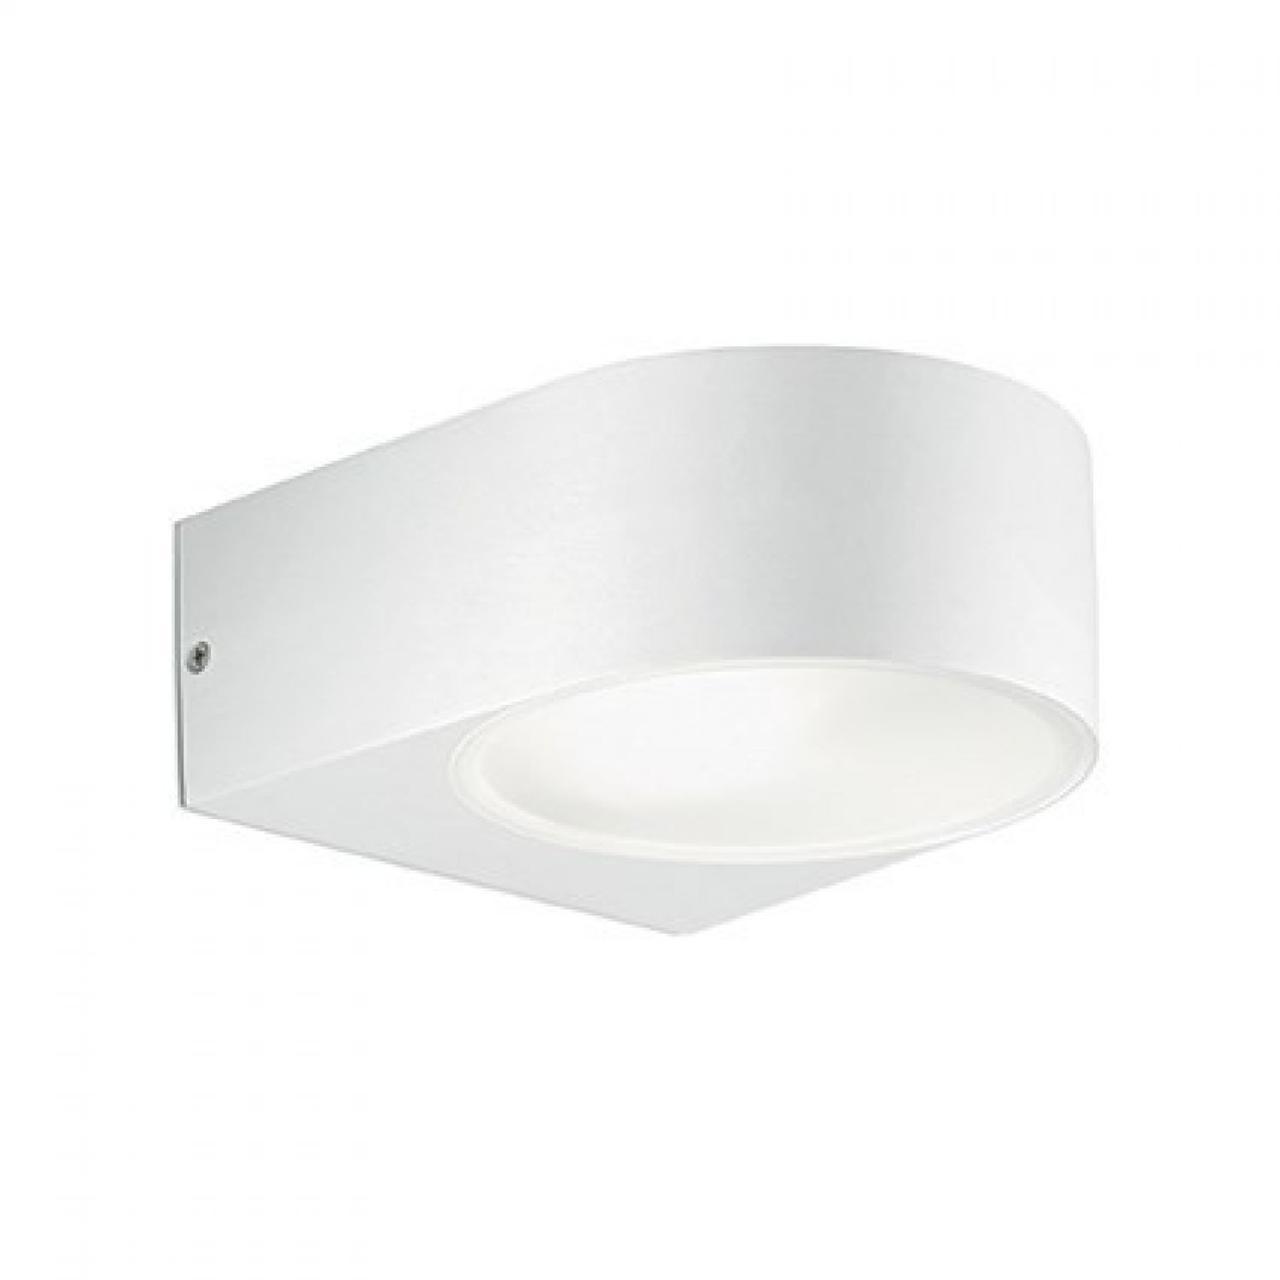 Настенная лампа Iko AP1. Ideal Lux